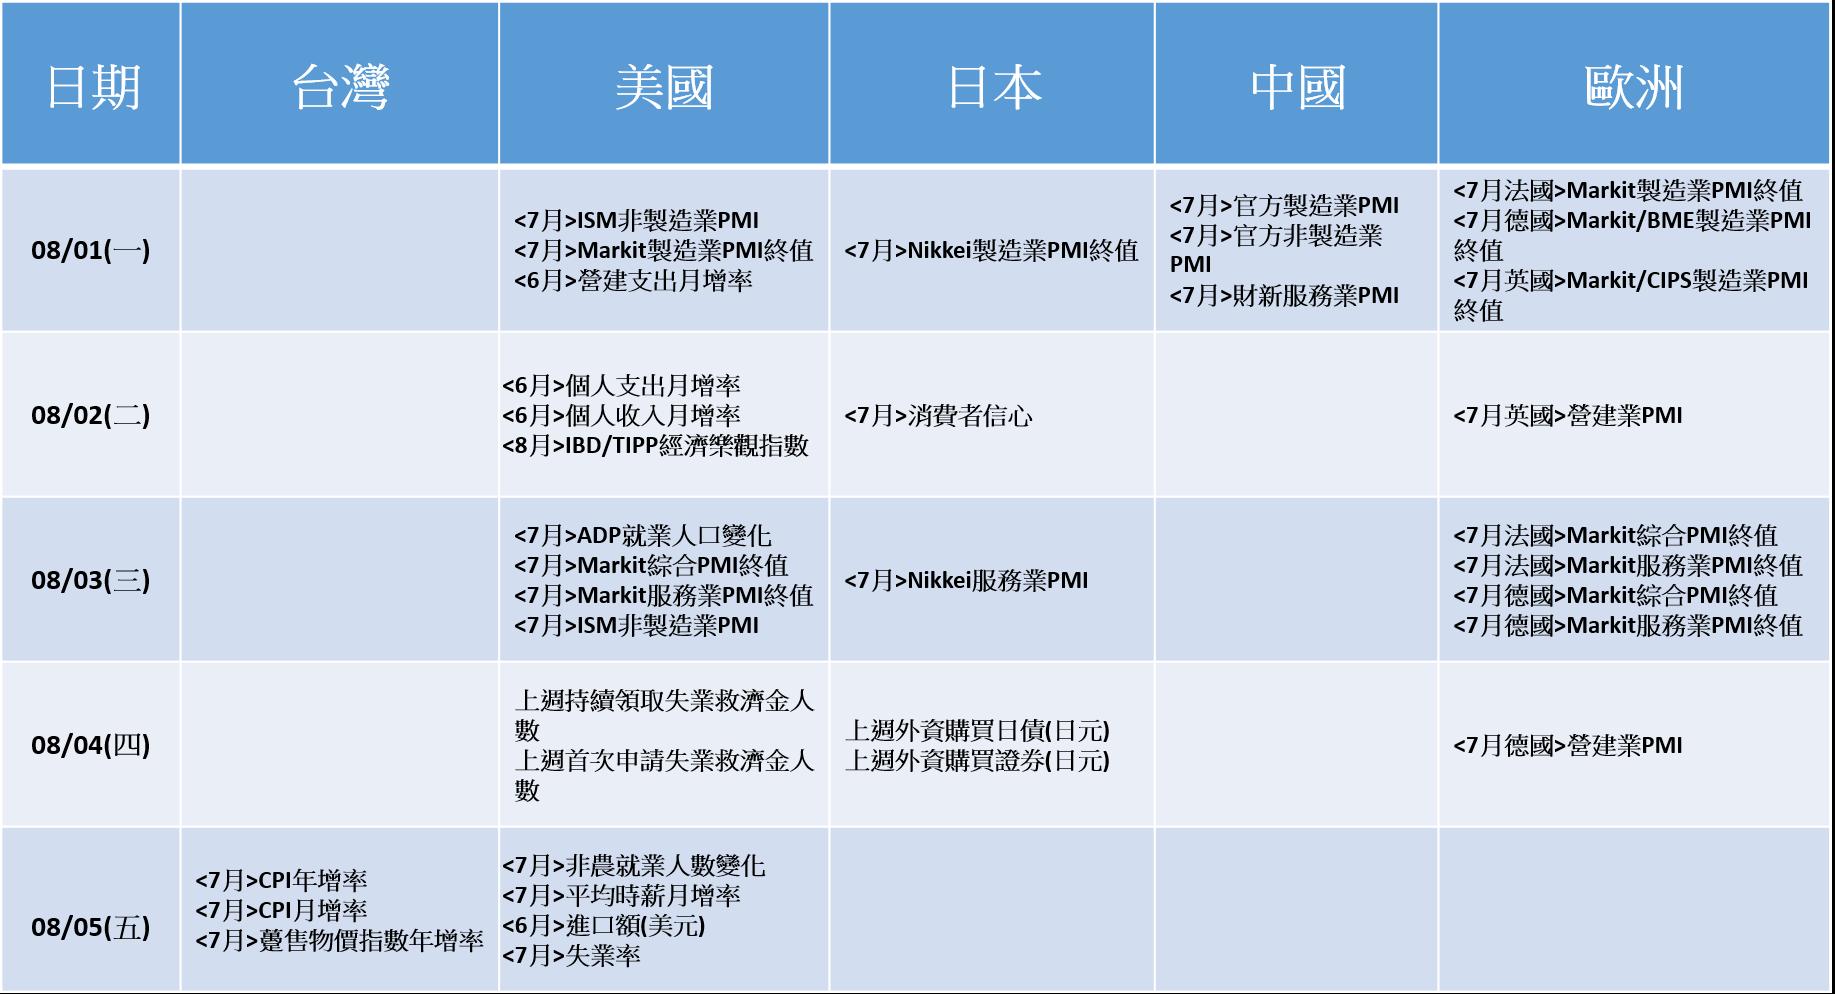 20160801~20160805_經濟數據